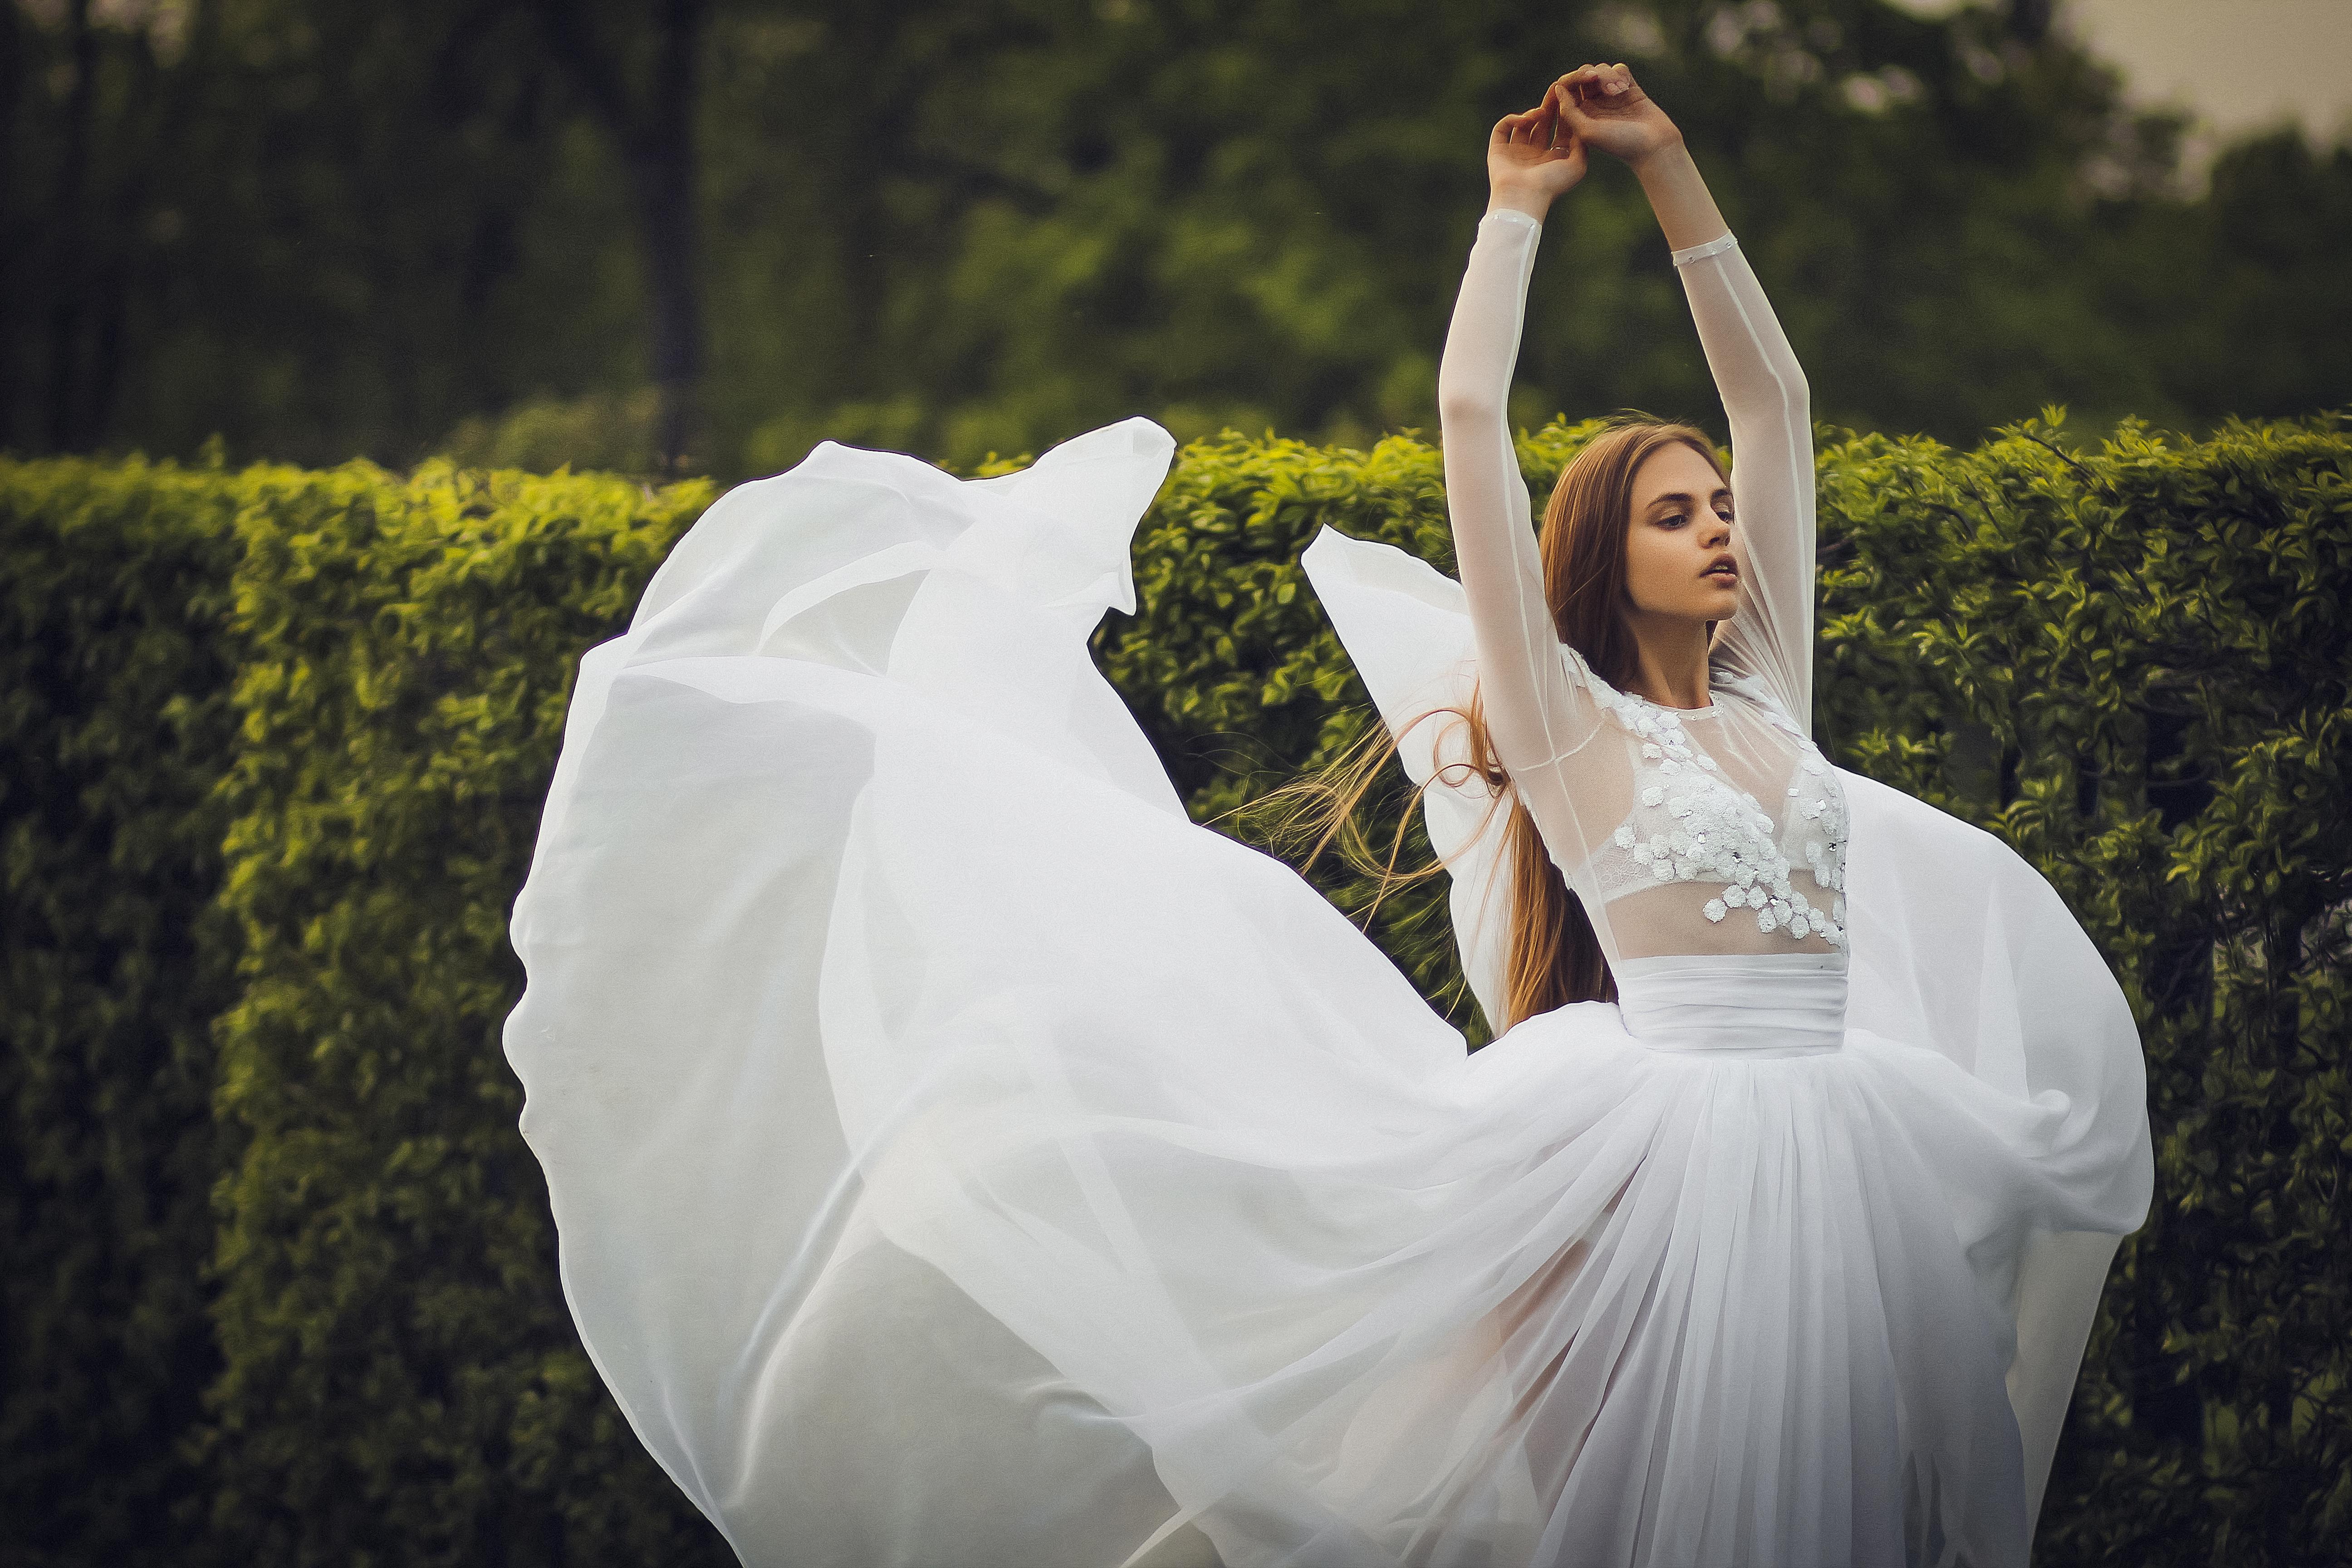 девушка в образе белого лебедя